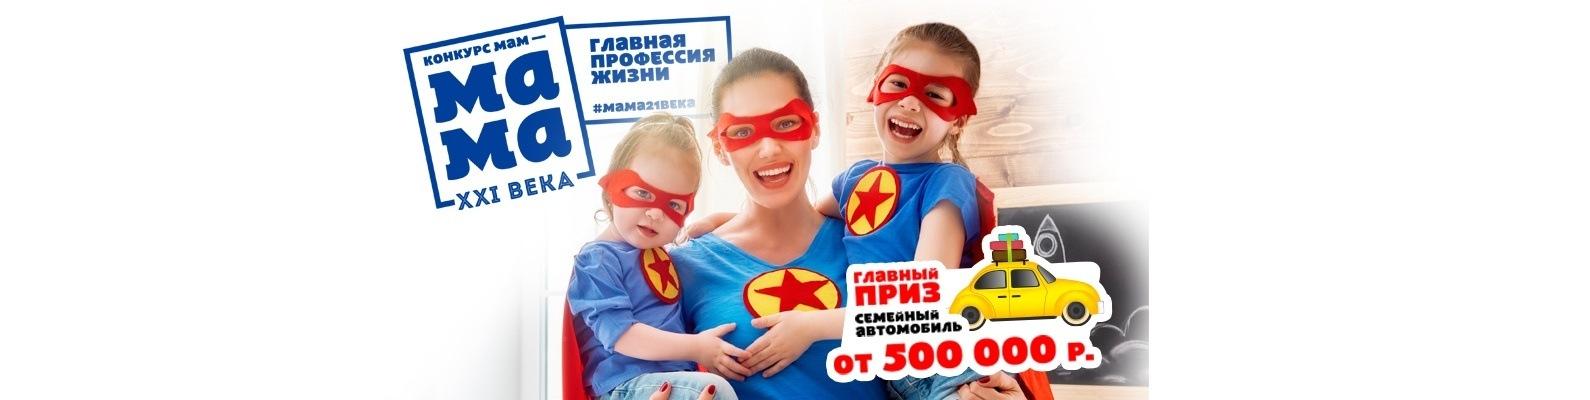 МАМА XXI ВЕКА | ВКонтакте